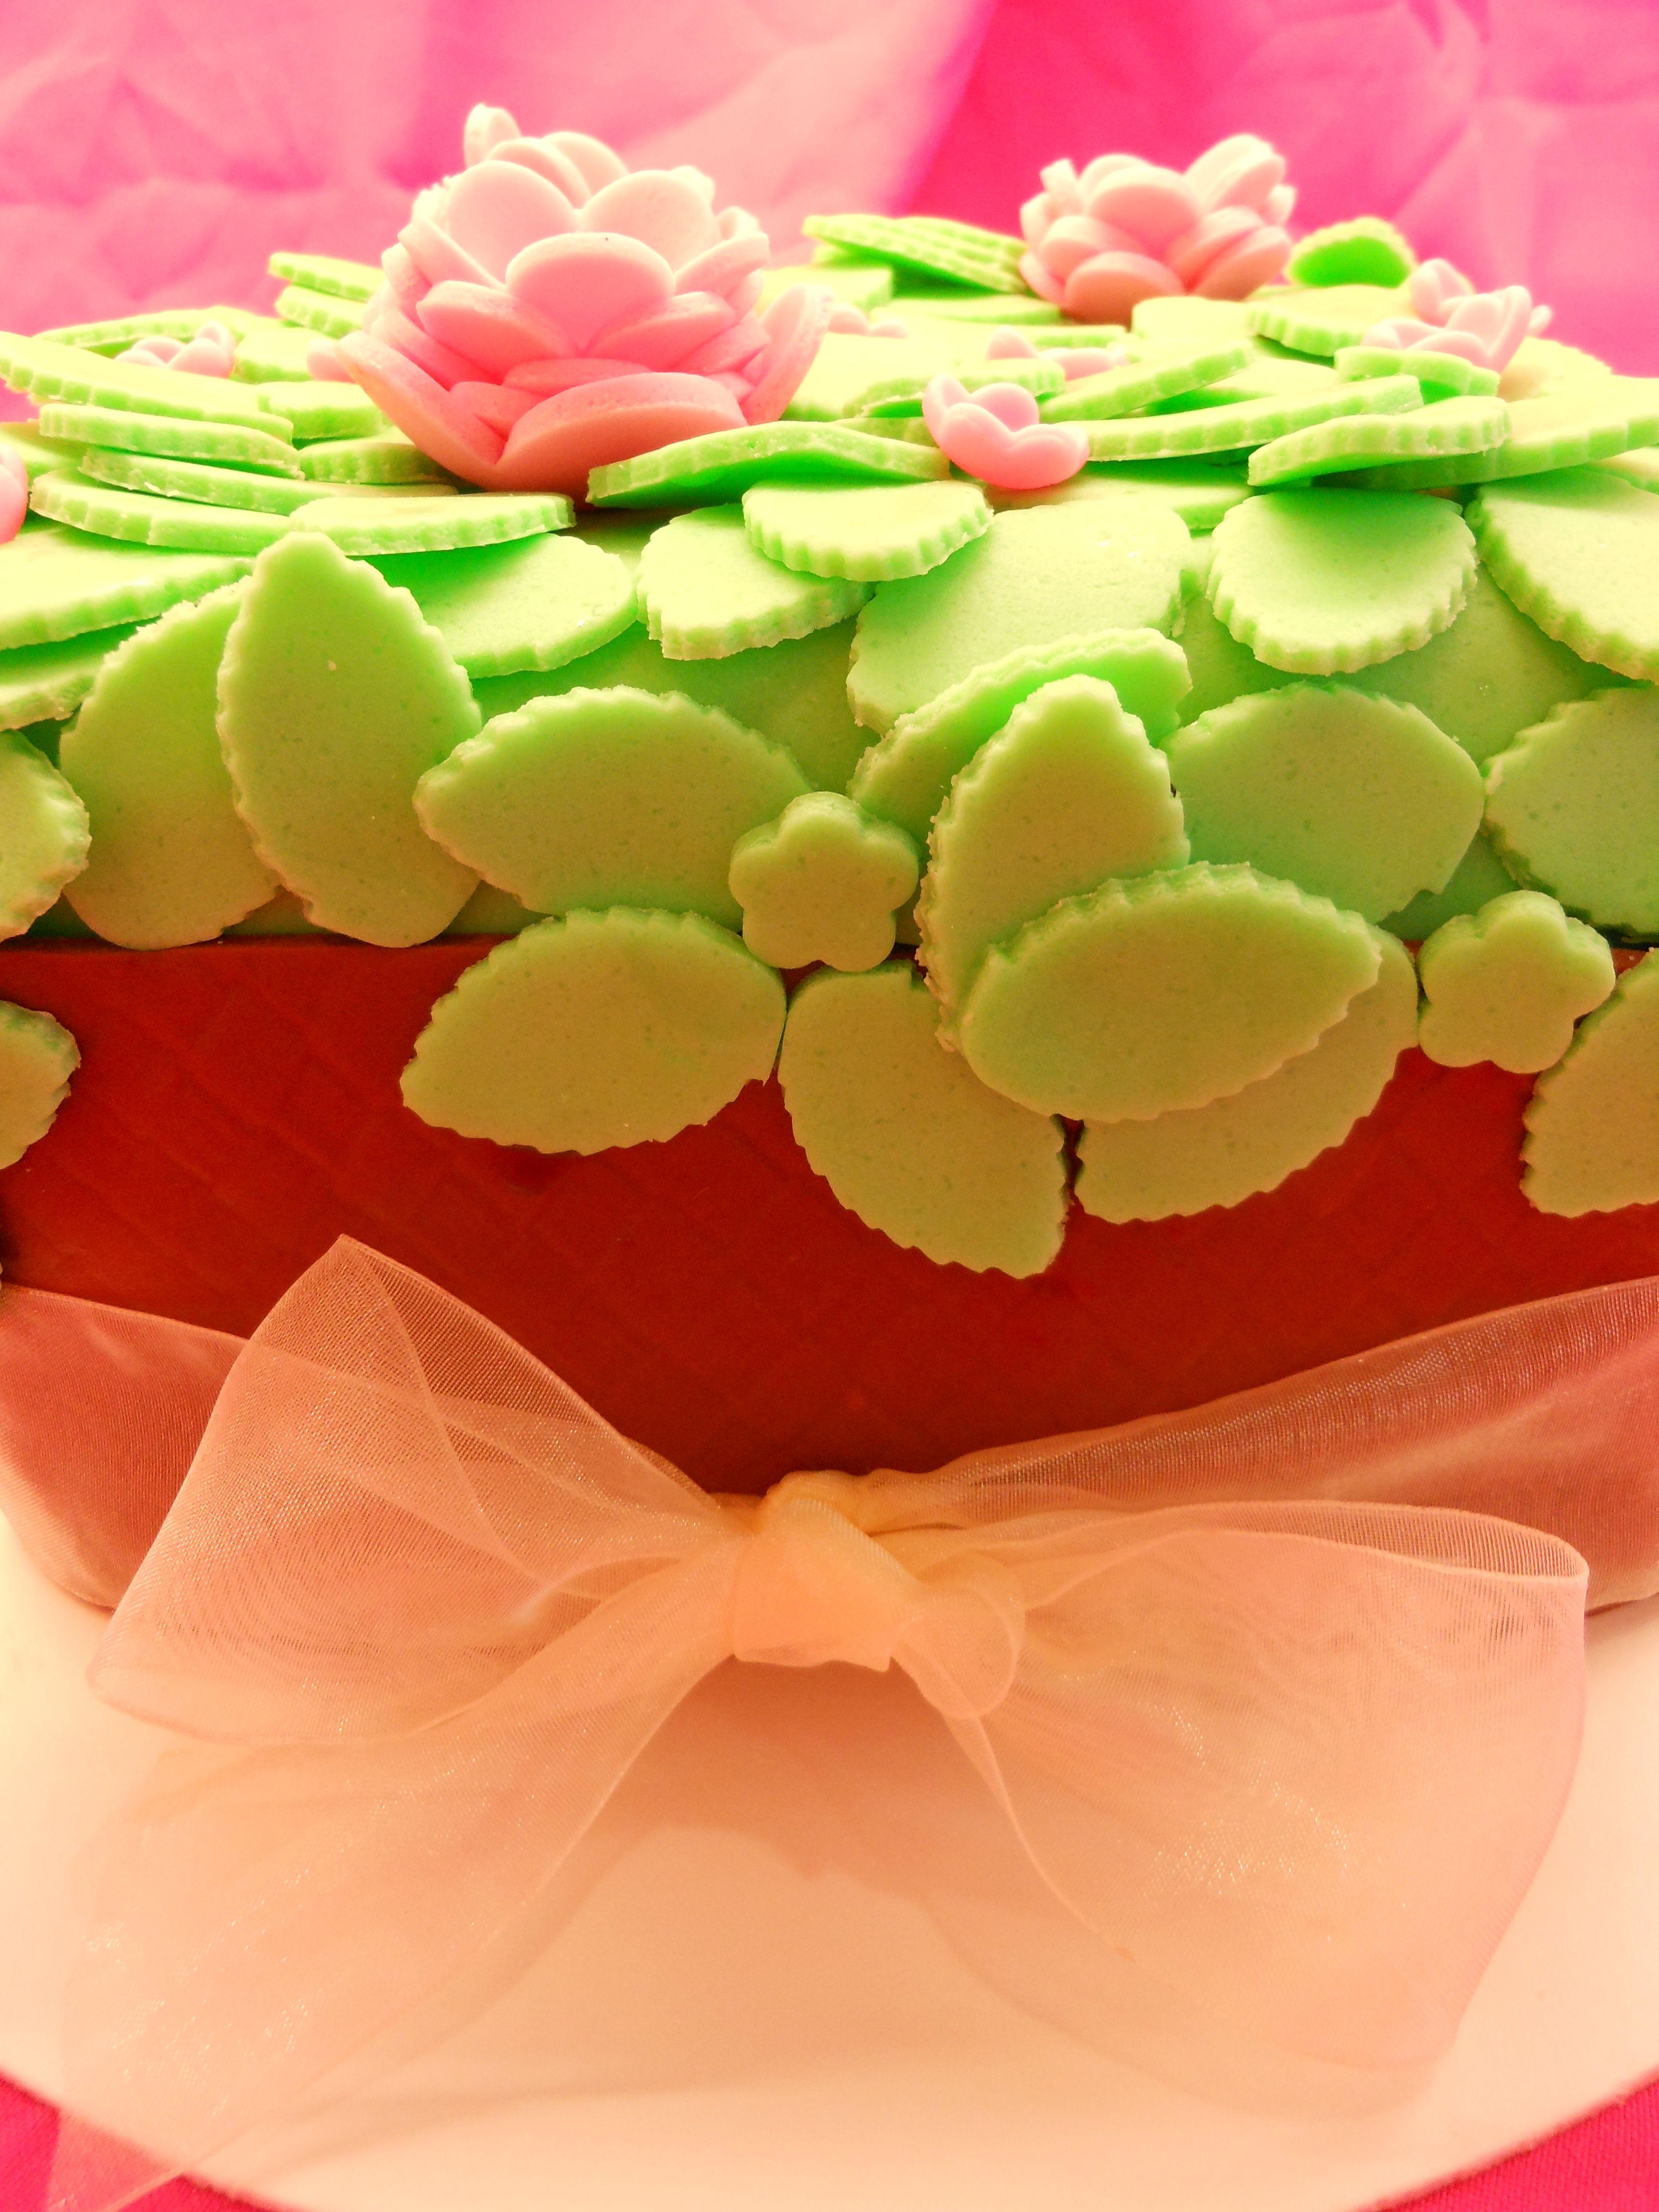 Arreglo floral comestible. Menta con chocolate